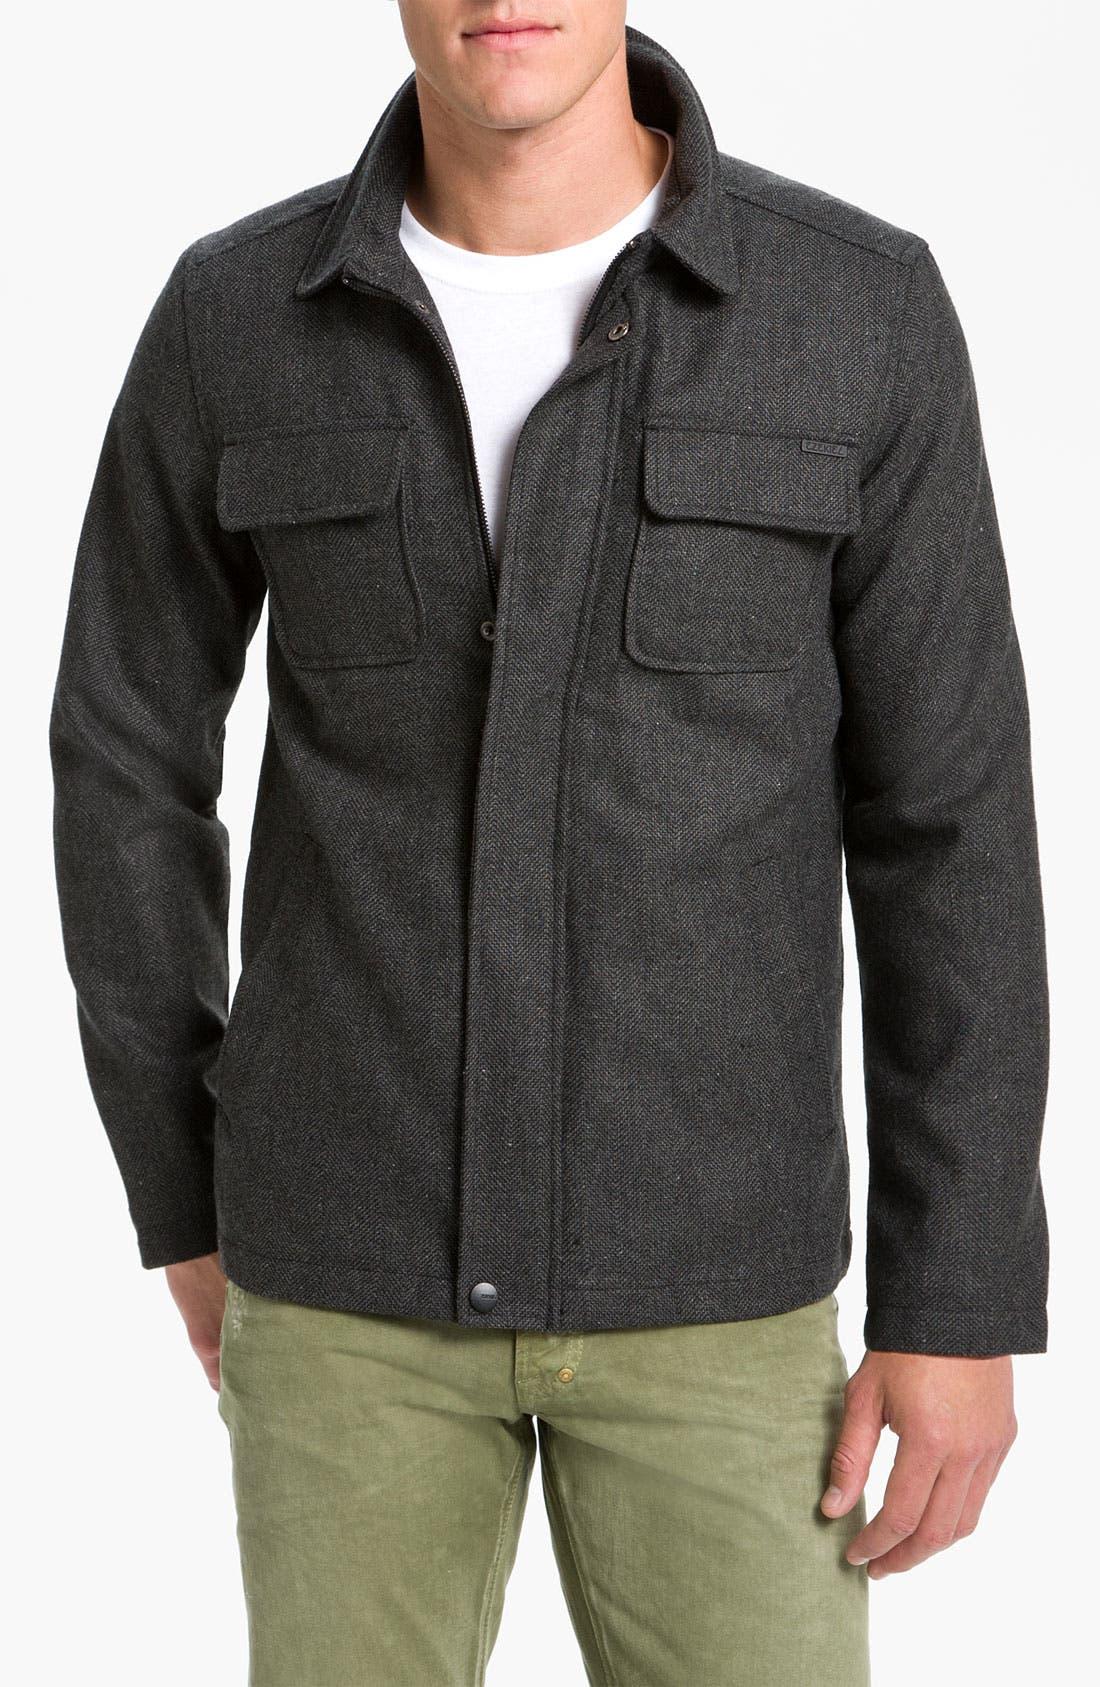 Alternate Image 1 Selected - Ezekiel 'Corsair' Tweed Jacket